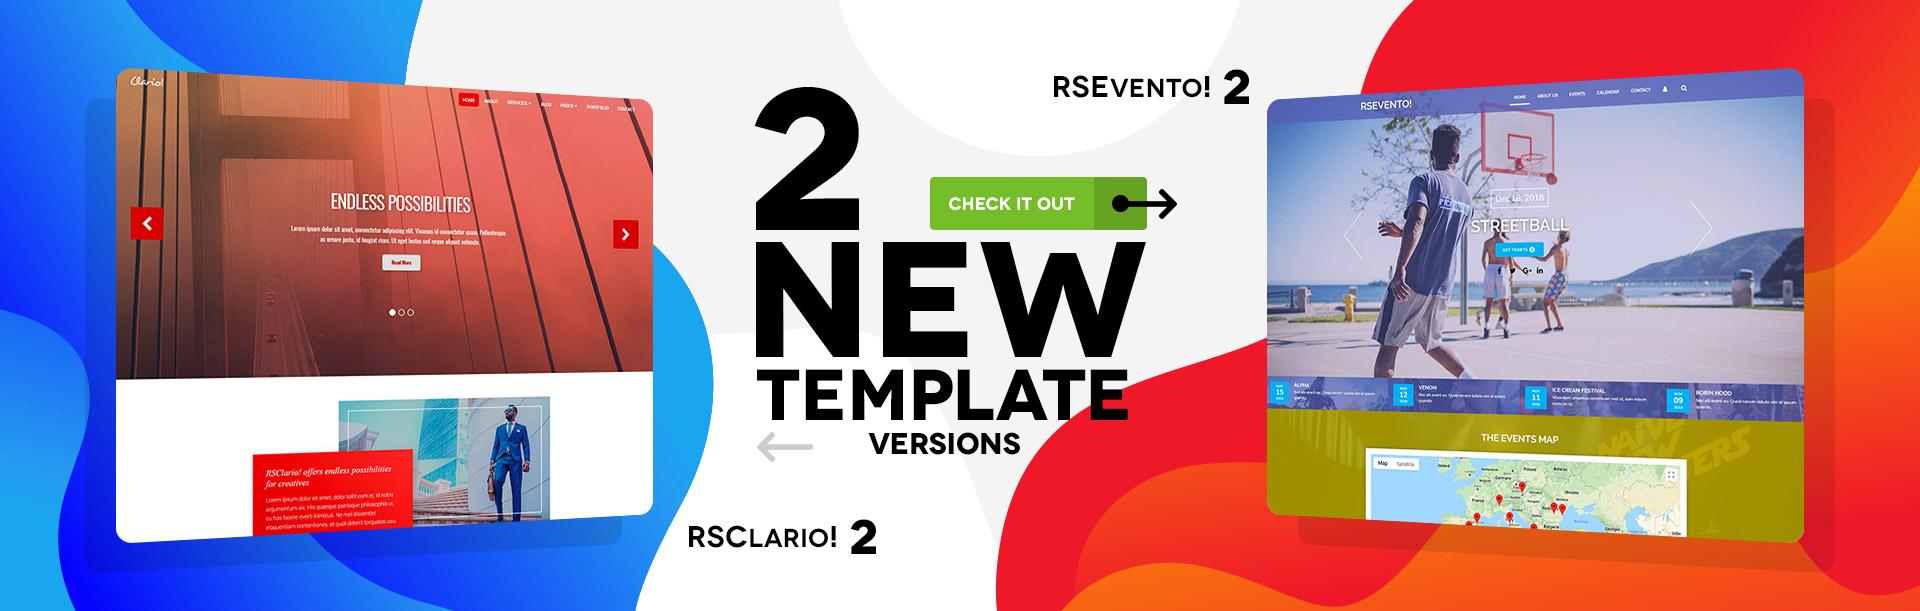 RSEvento!-2.0 RSClario!-2.0